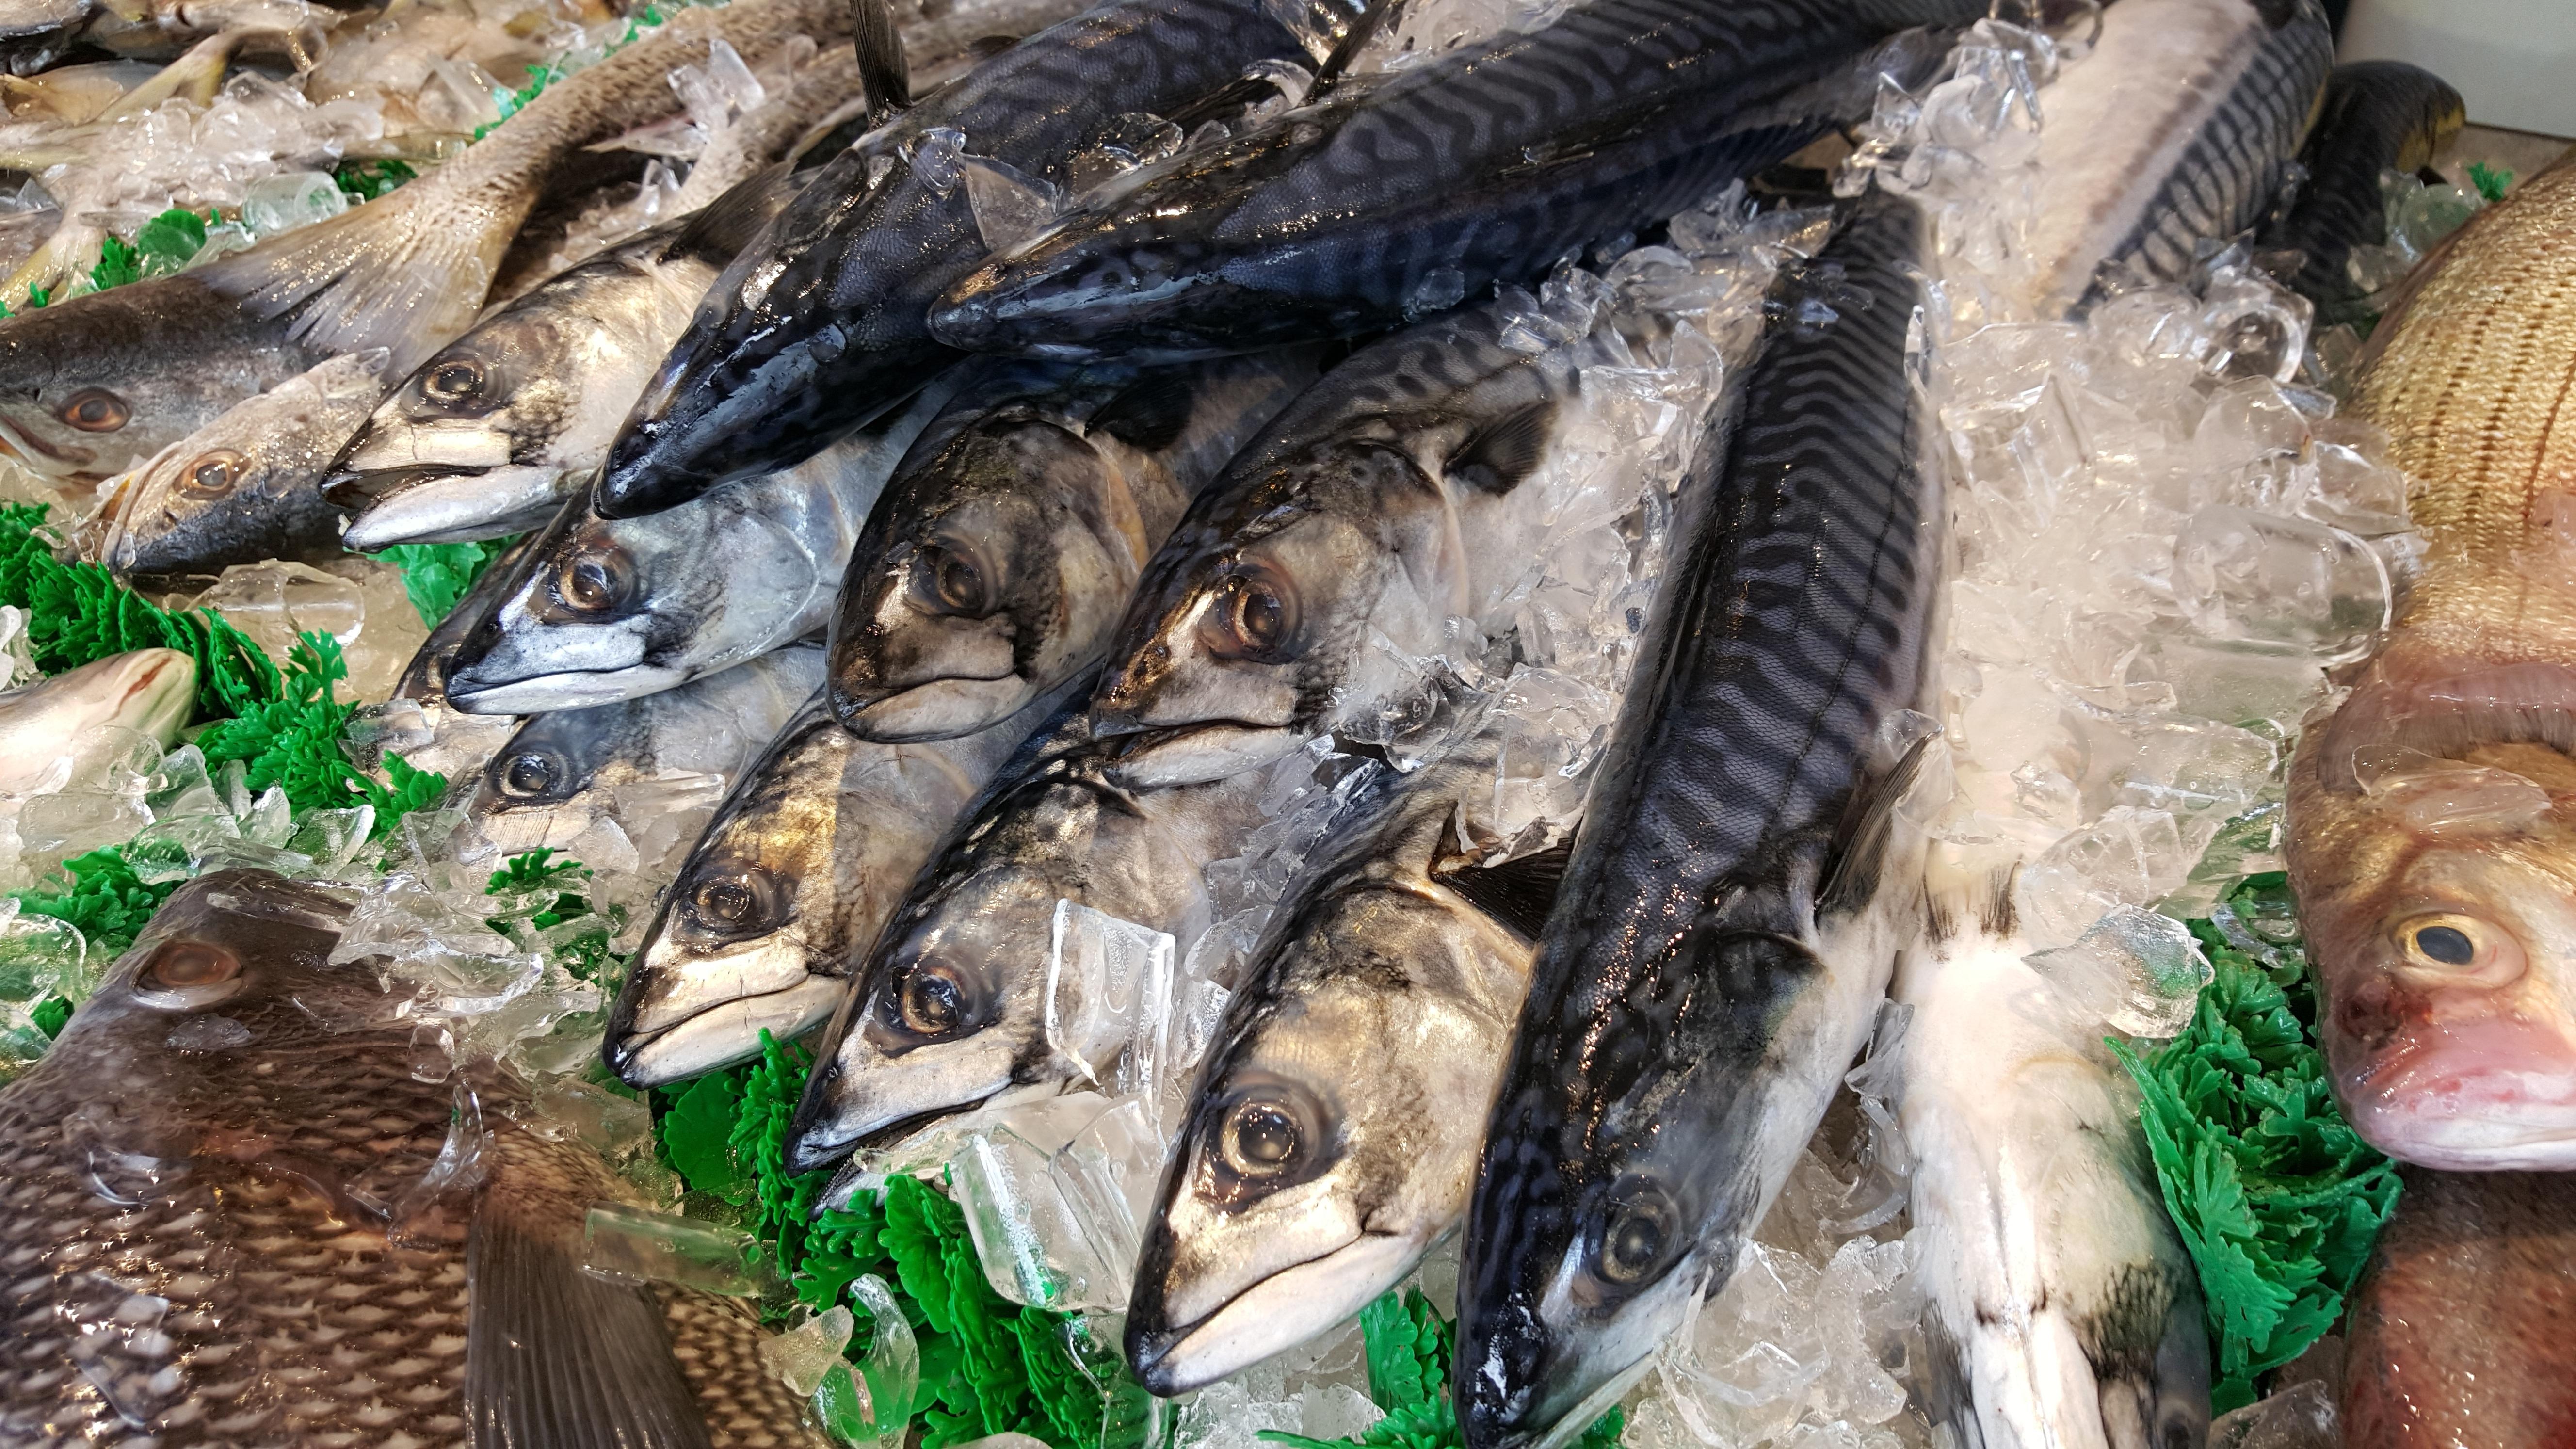 Gambar Lautan Liar Bawah Air Makanan Laut Biru Sirip Ikan